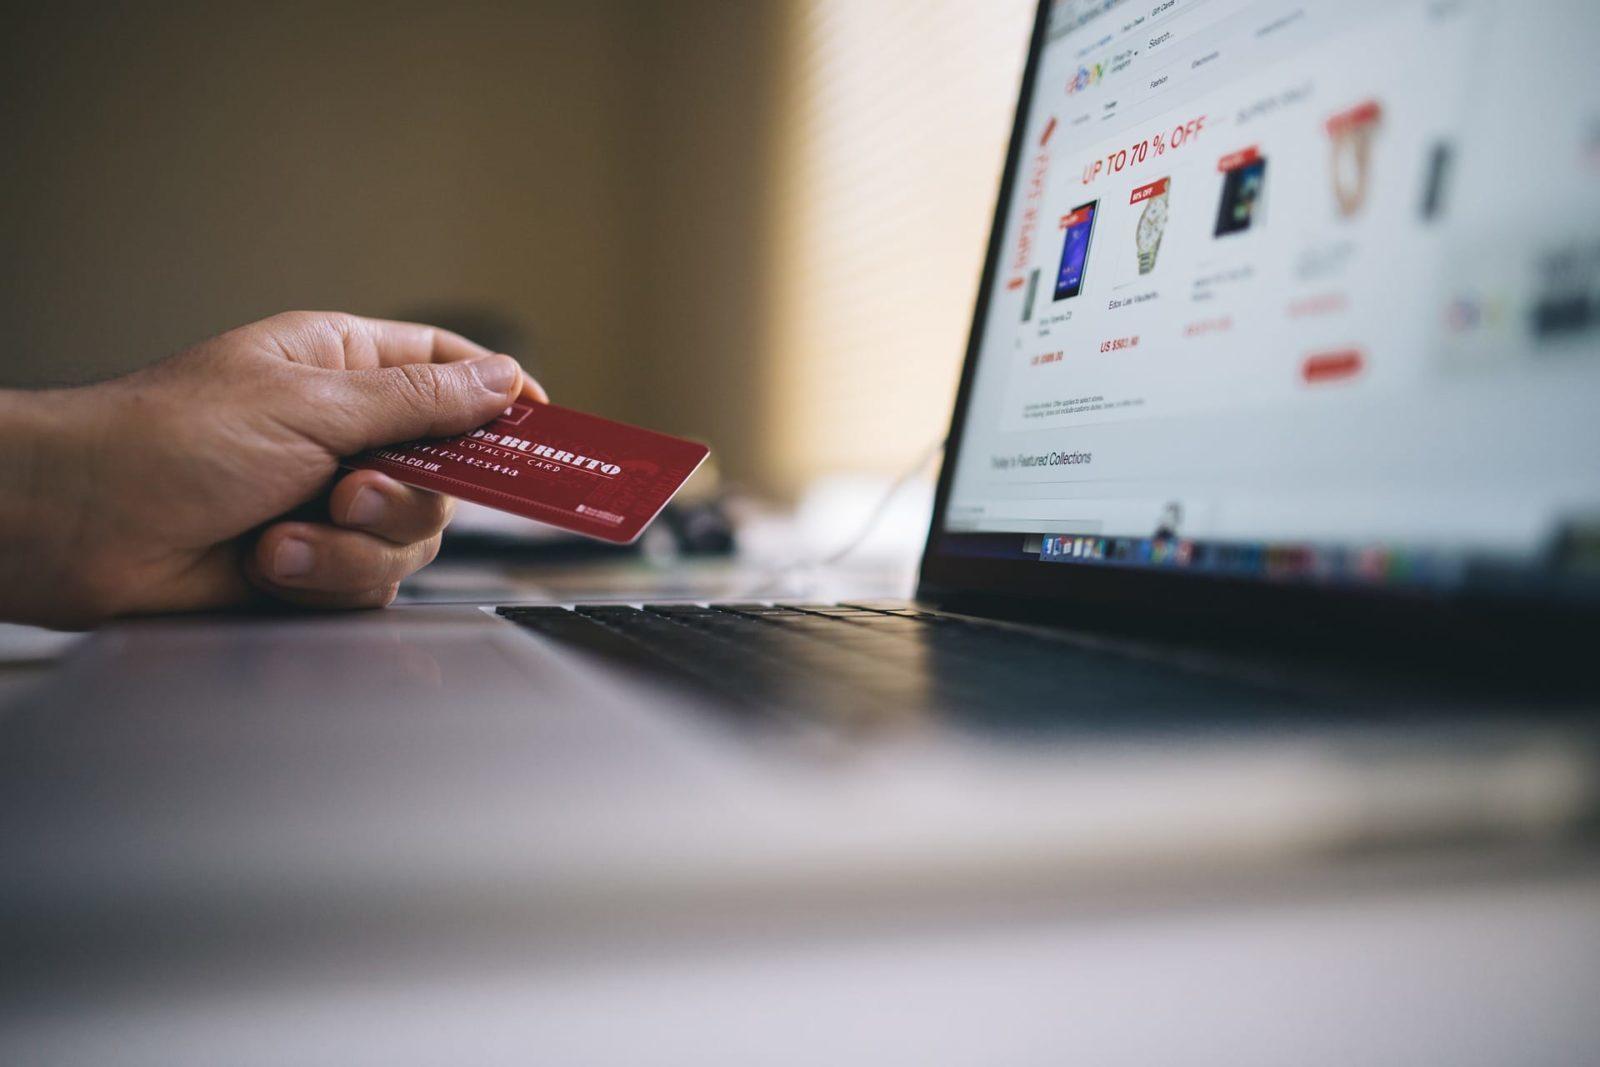 Los problemas del e-commerce (y sus soluciones)